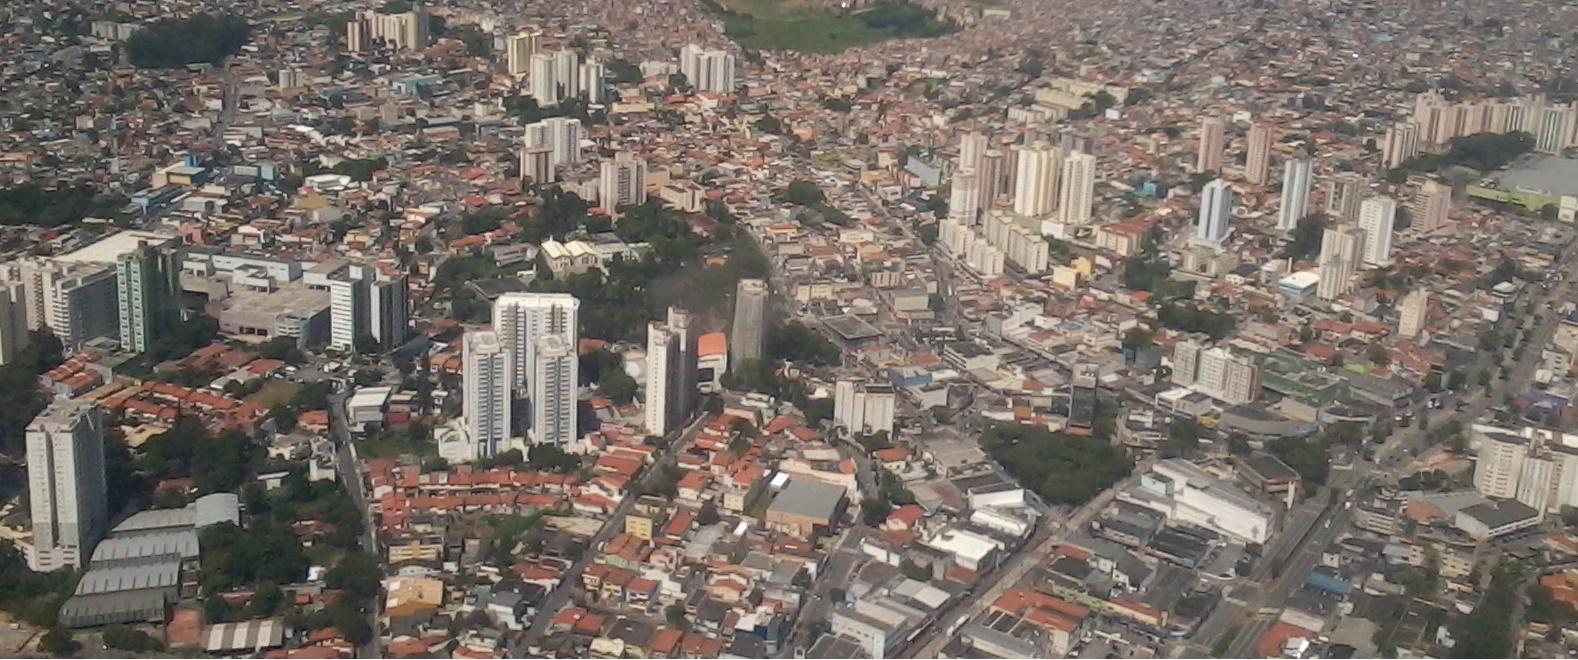 DIADEMA 10  -  Diadema é o 40º maior PIB brasileiro e o 14º do Estado de São Paulo.